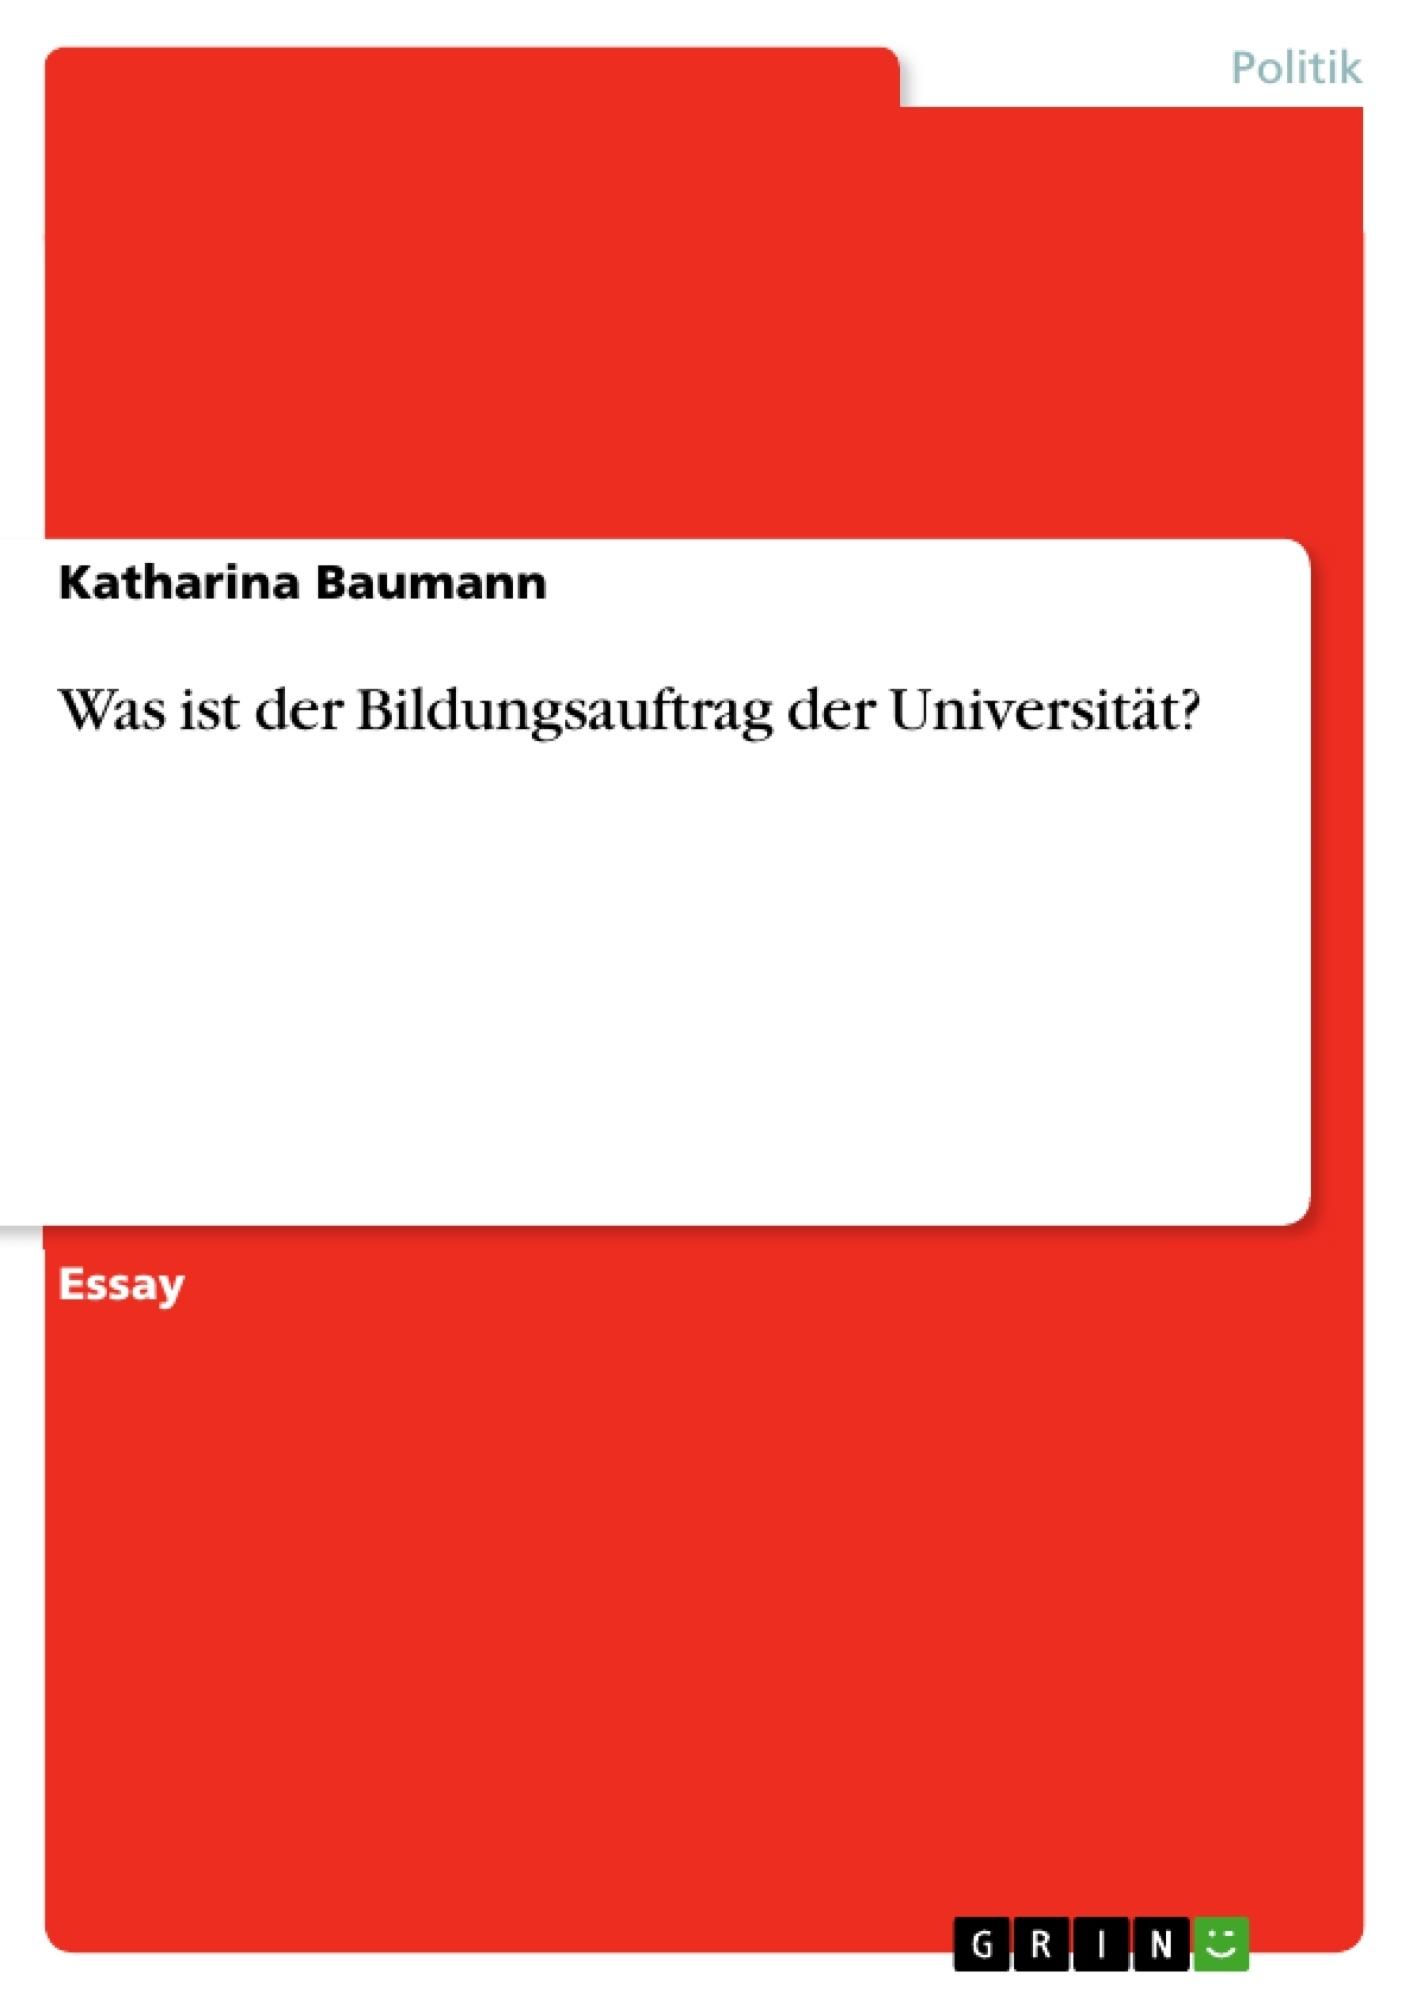 Titel: Was ist der Bildungsauftrag der Universität?